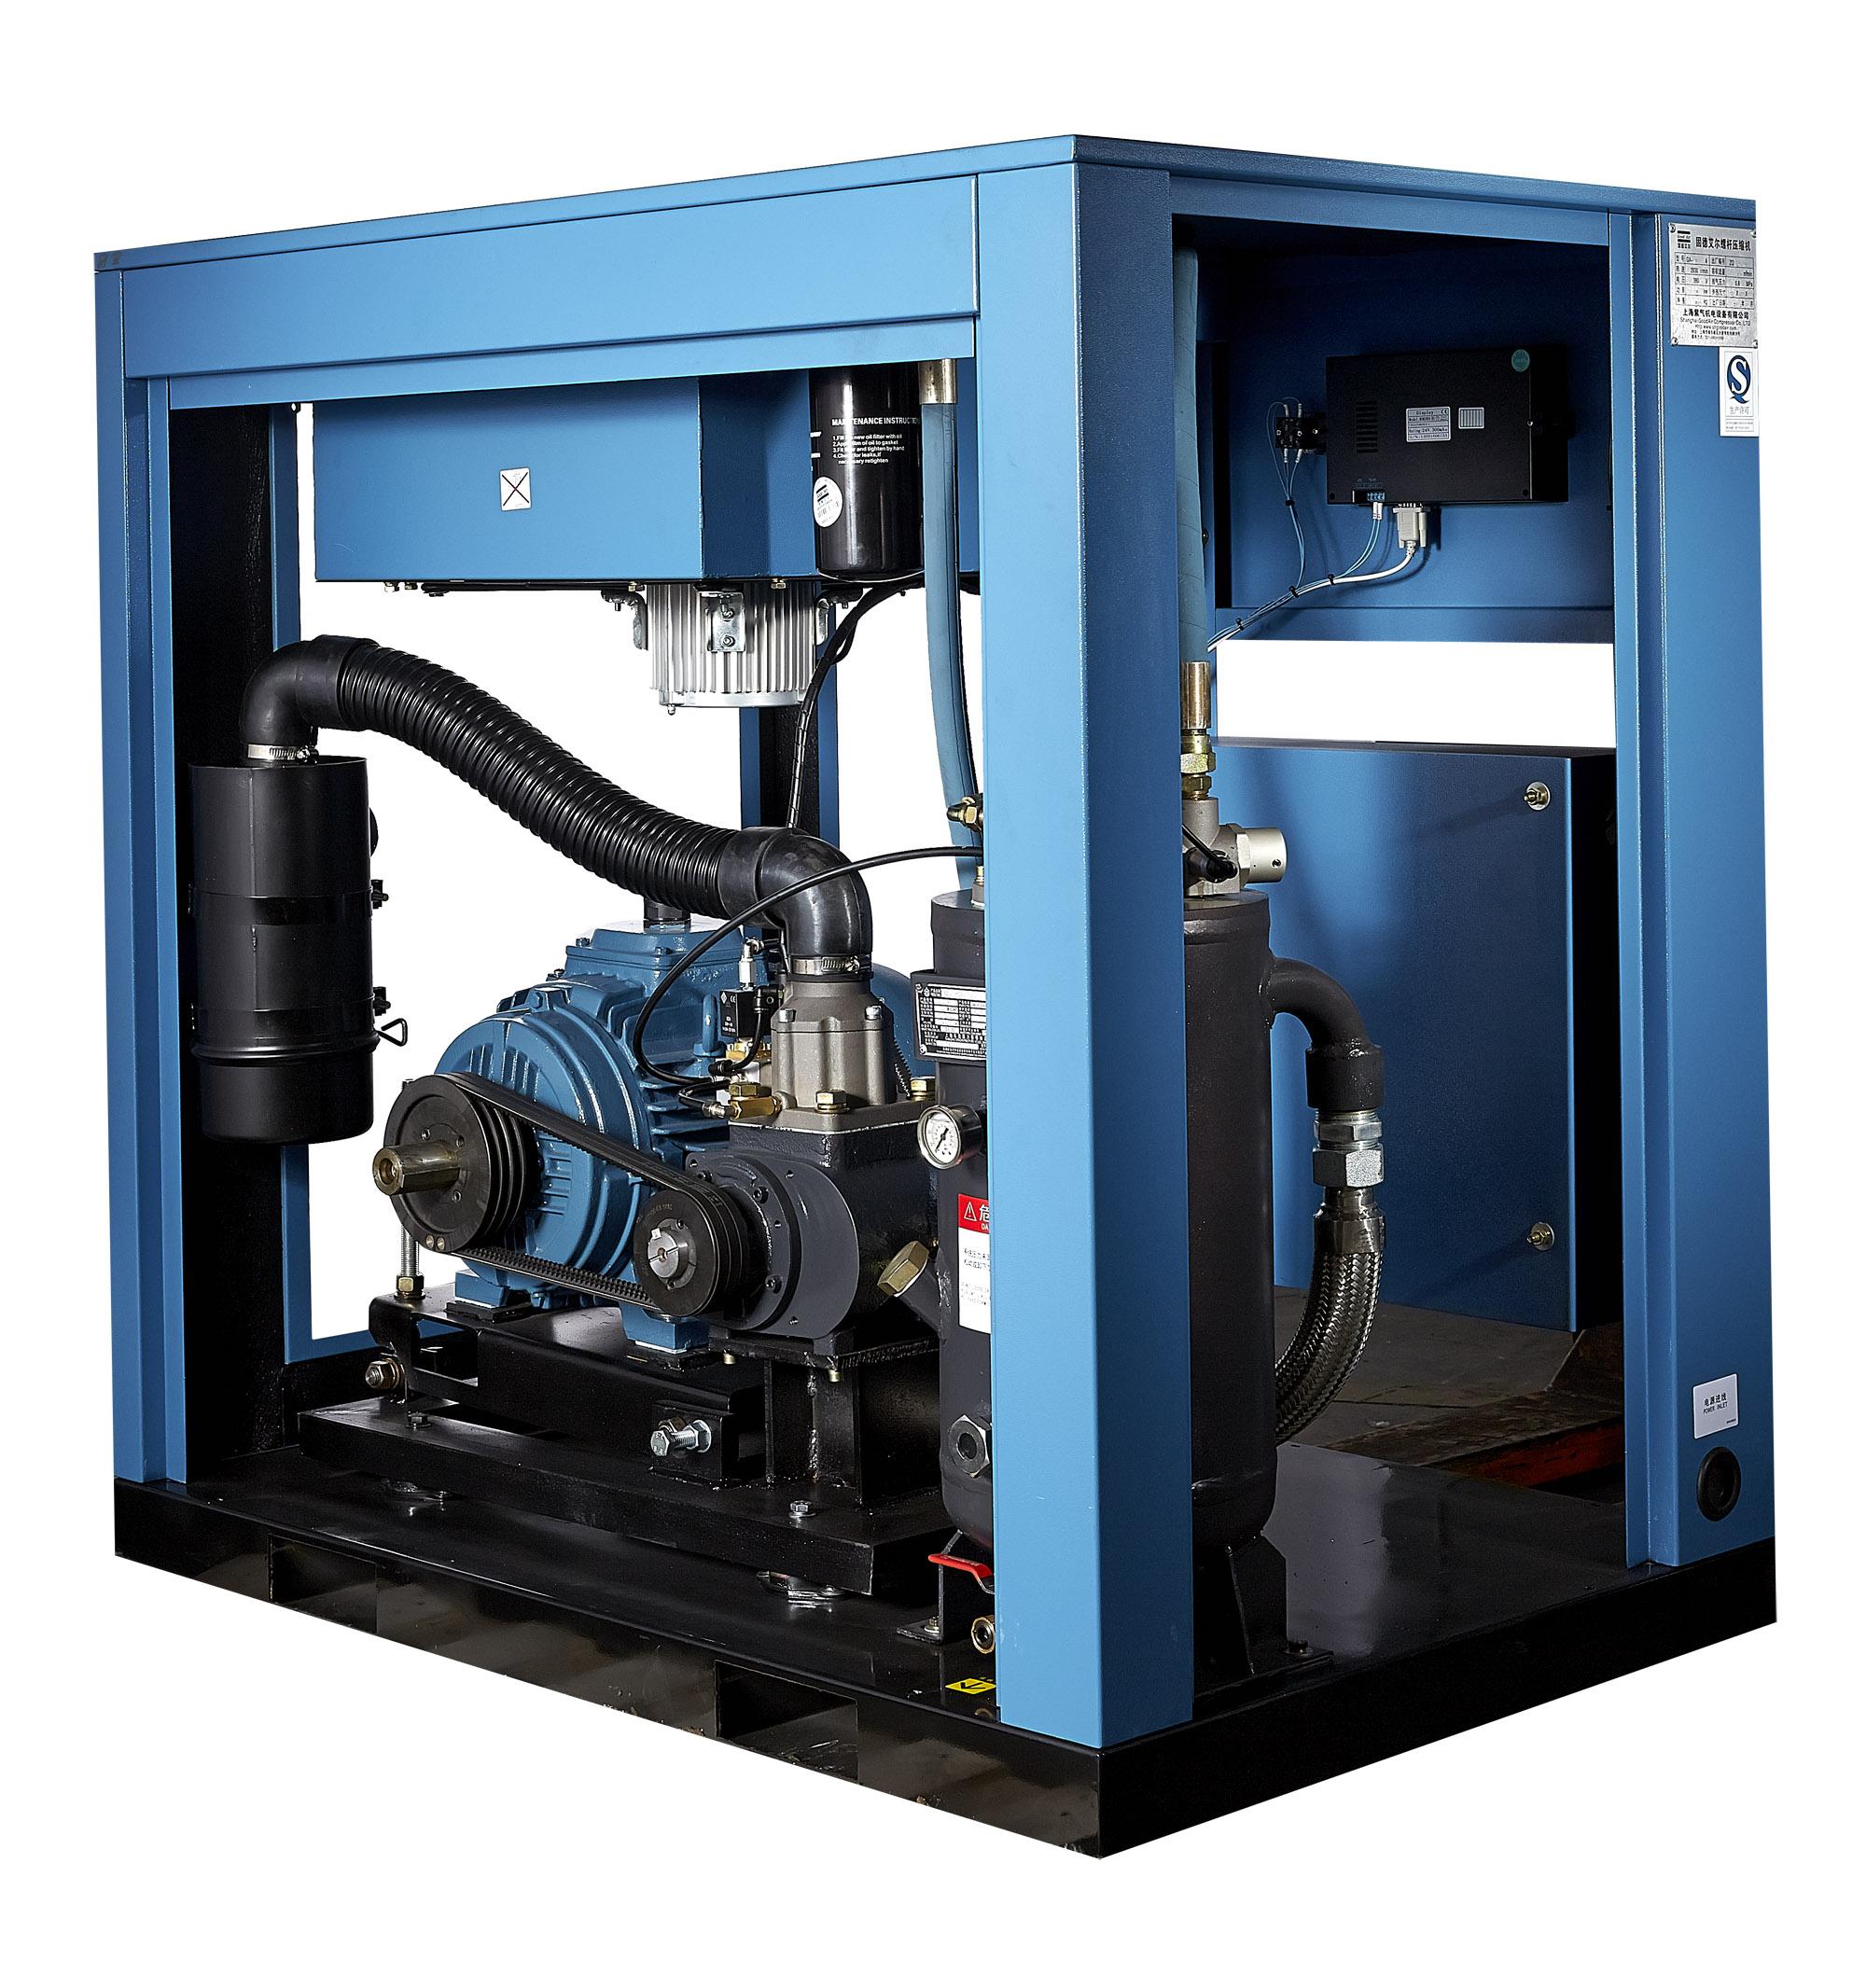 空壓機加卸載供氣控制方式存在的問題分析